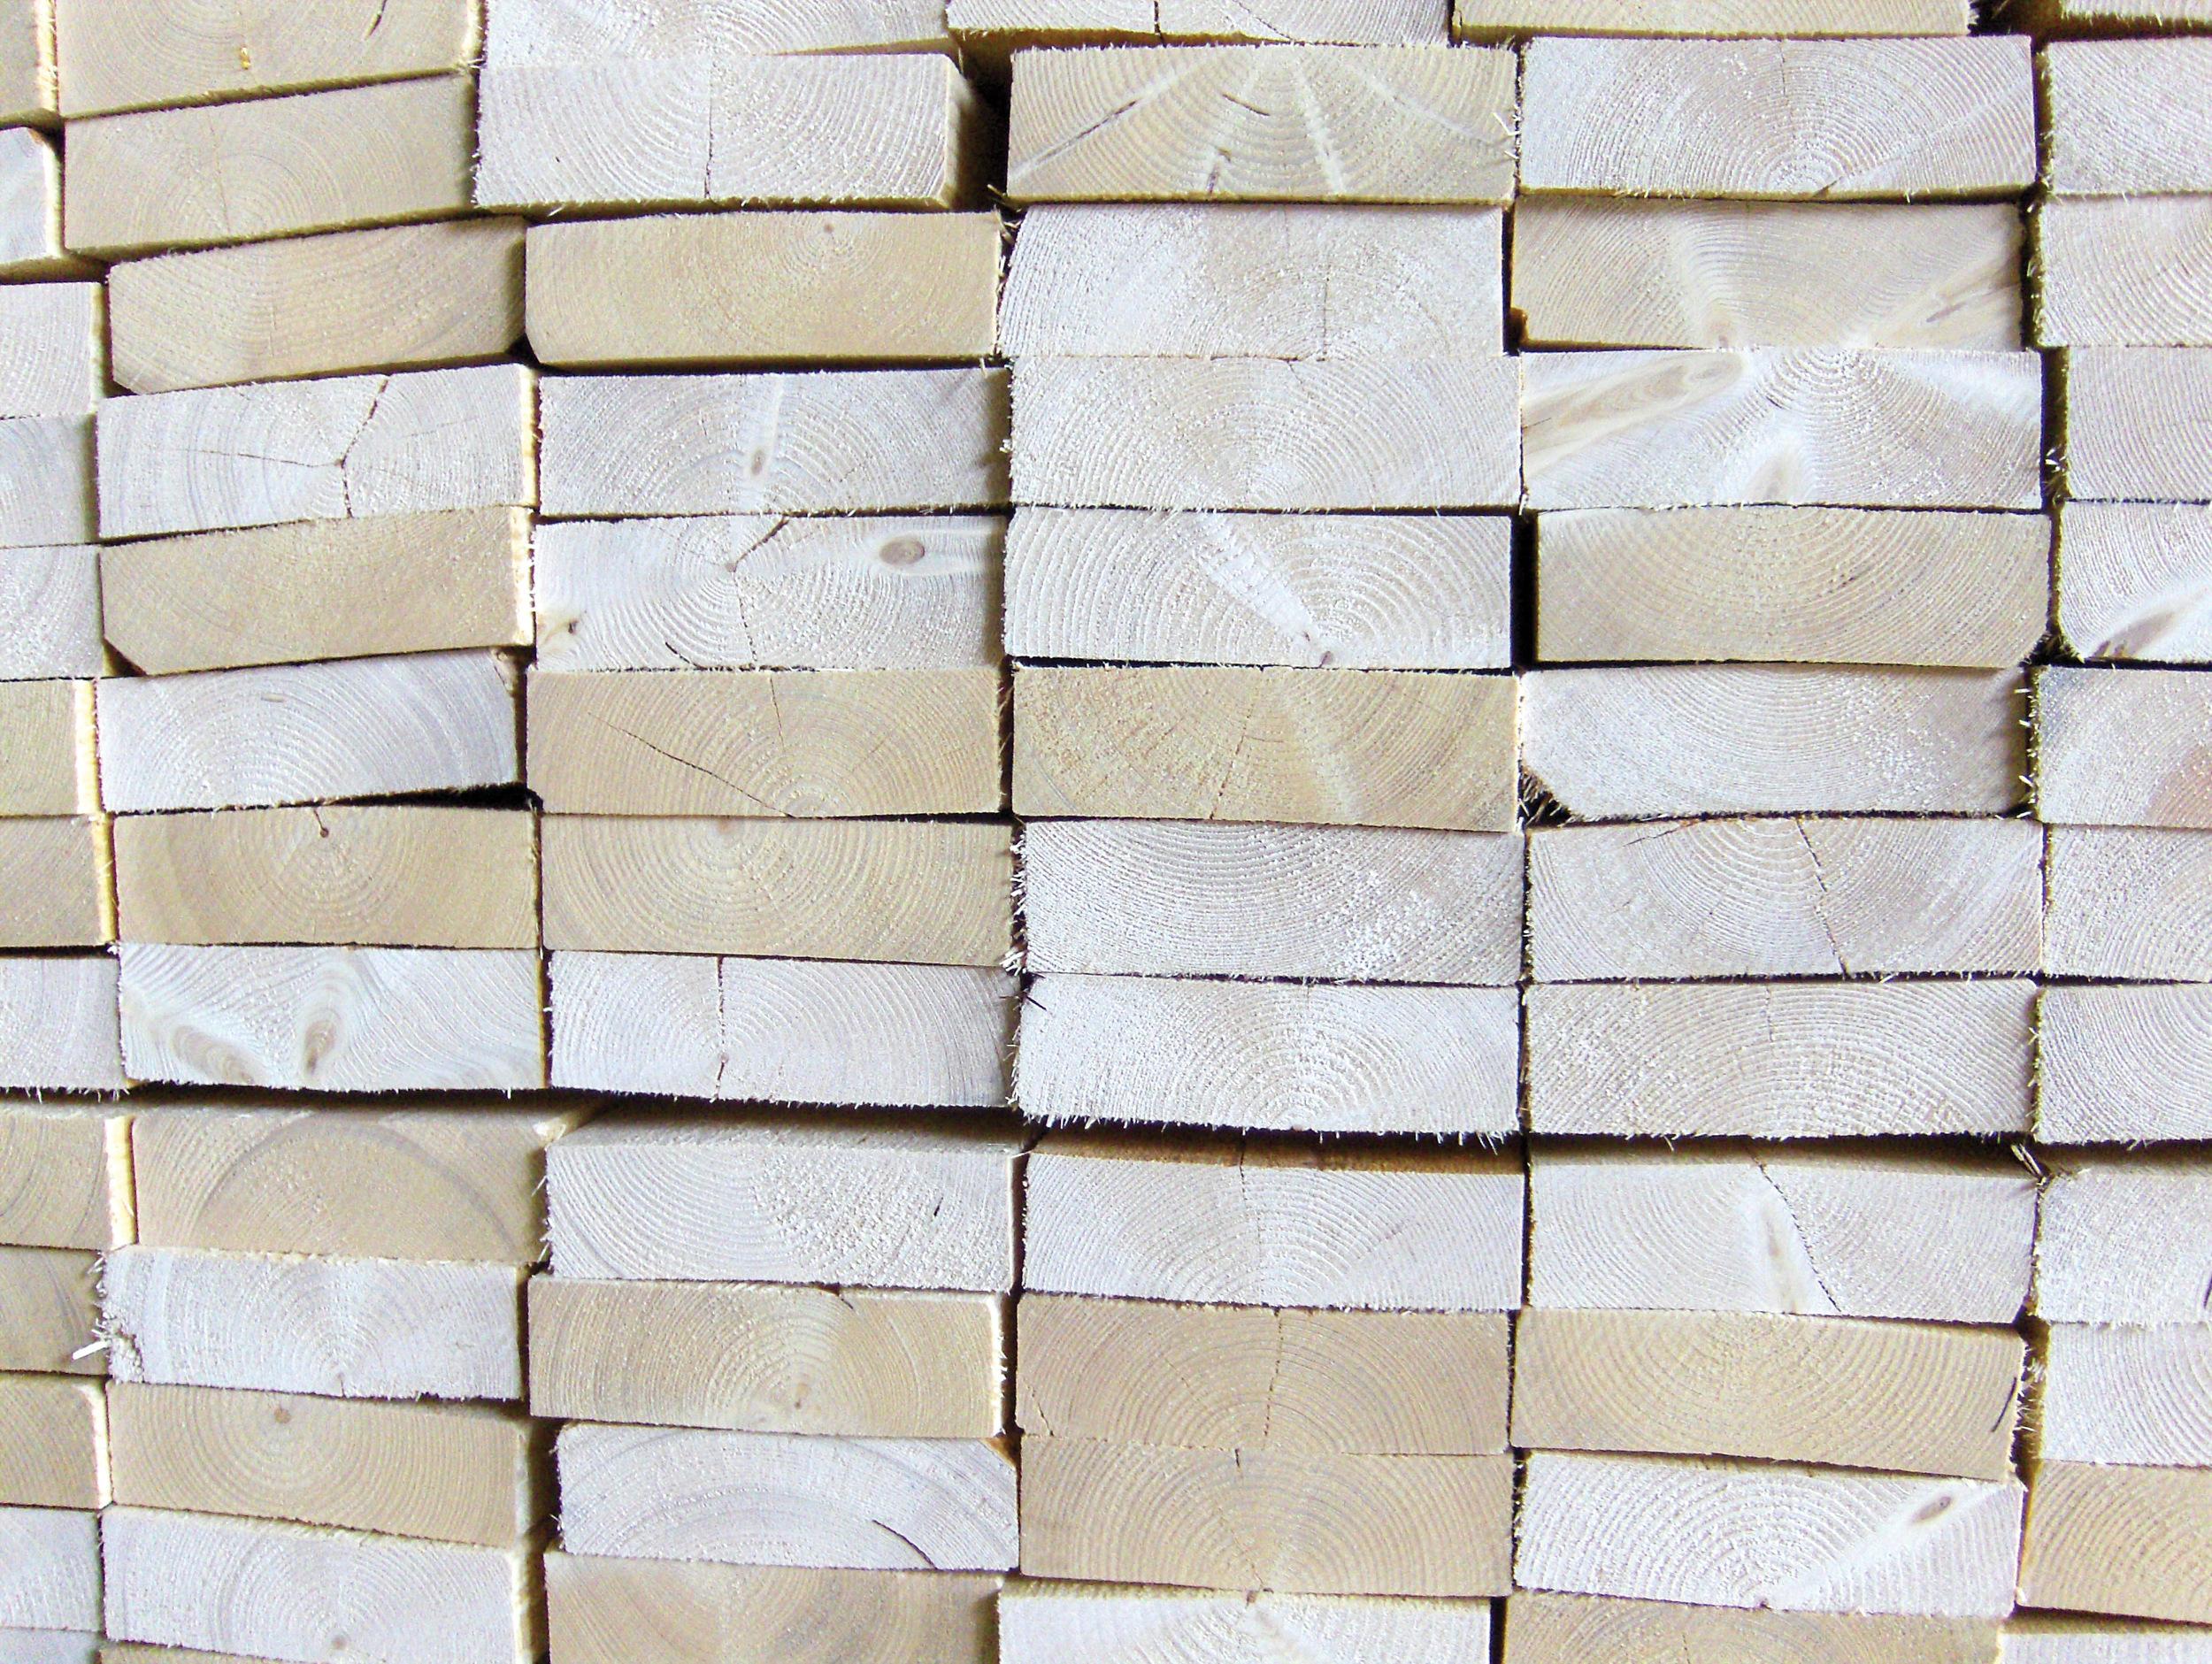 Norge eksporterte litt over 600 000 kubikkmeter trelast i 2016 Foto: Peder Gjerdrum, NIBIO